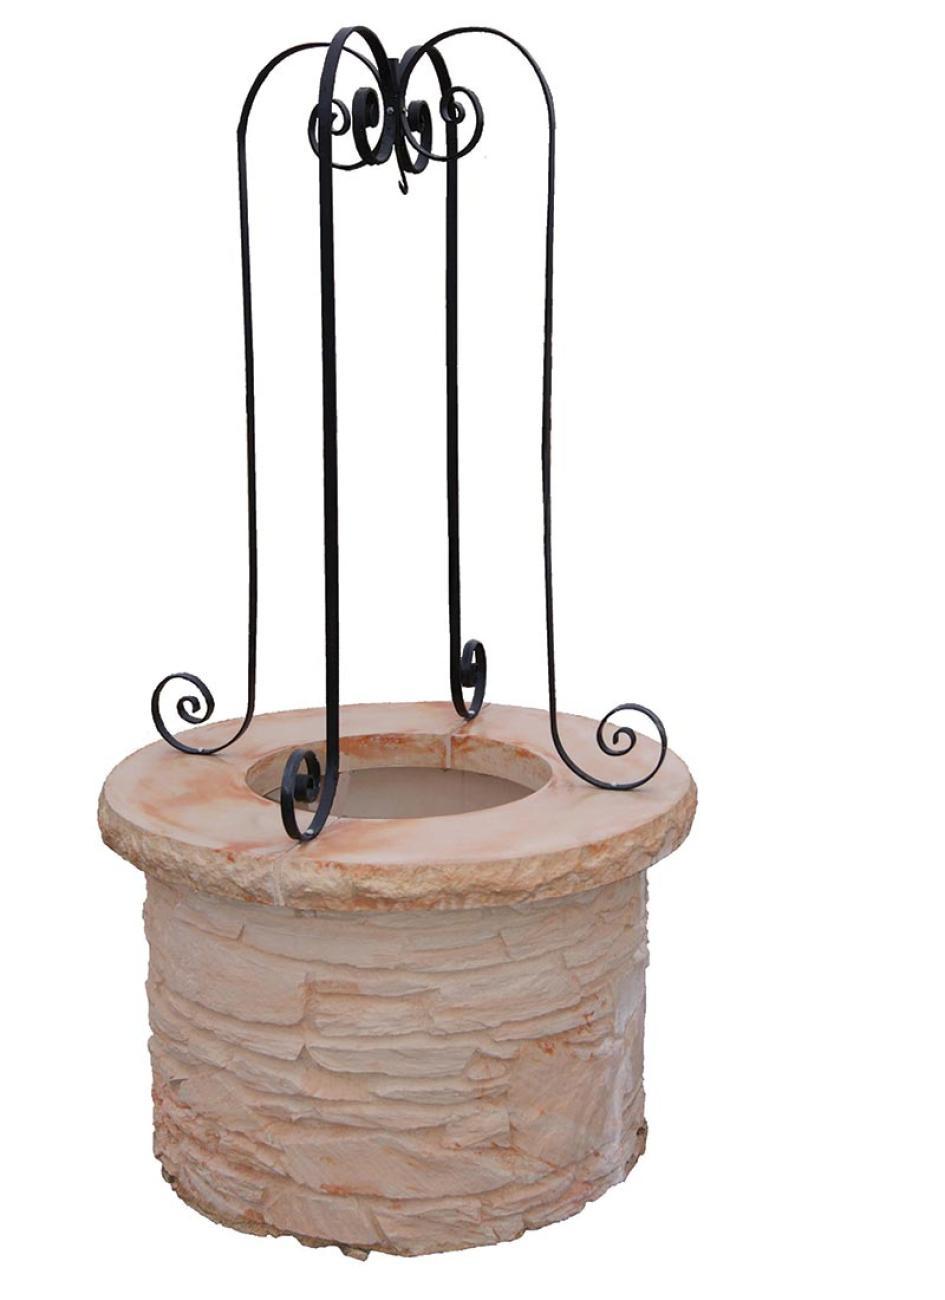 Supérieur Puits De Decoration Exterieur #14: Puits De Decoration En Pierre